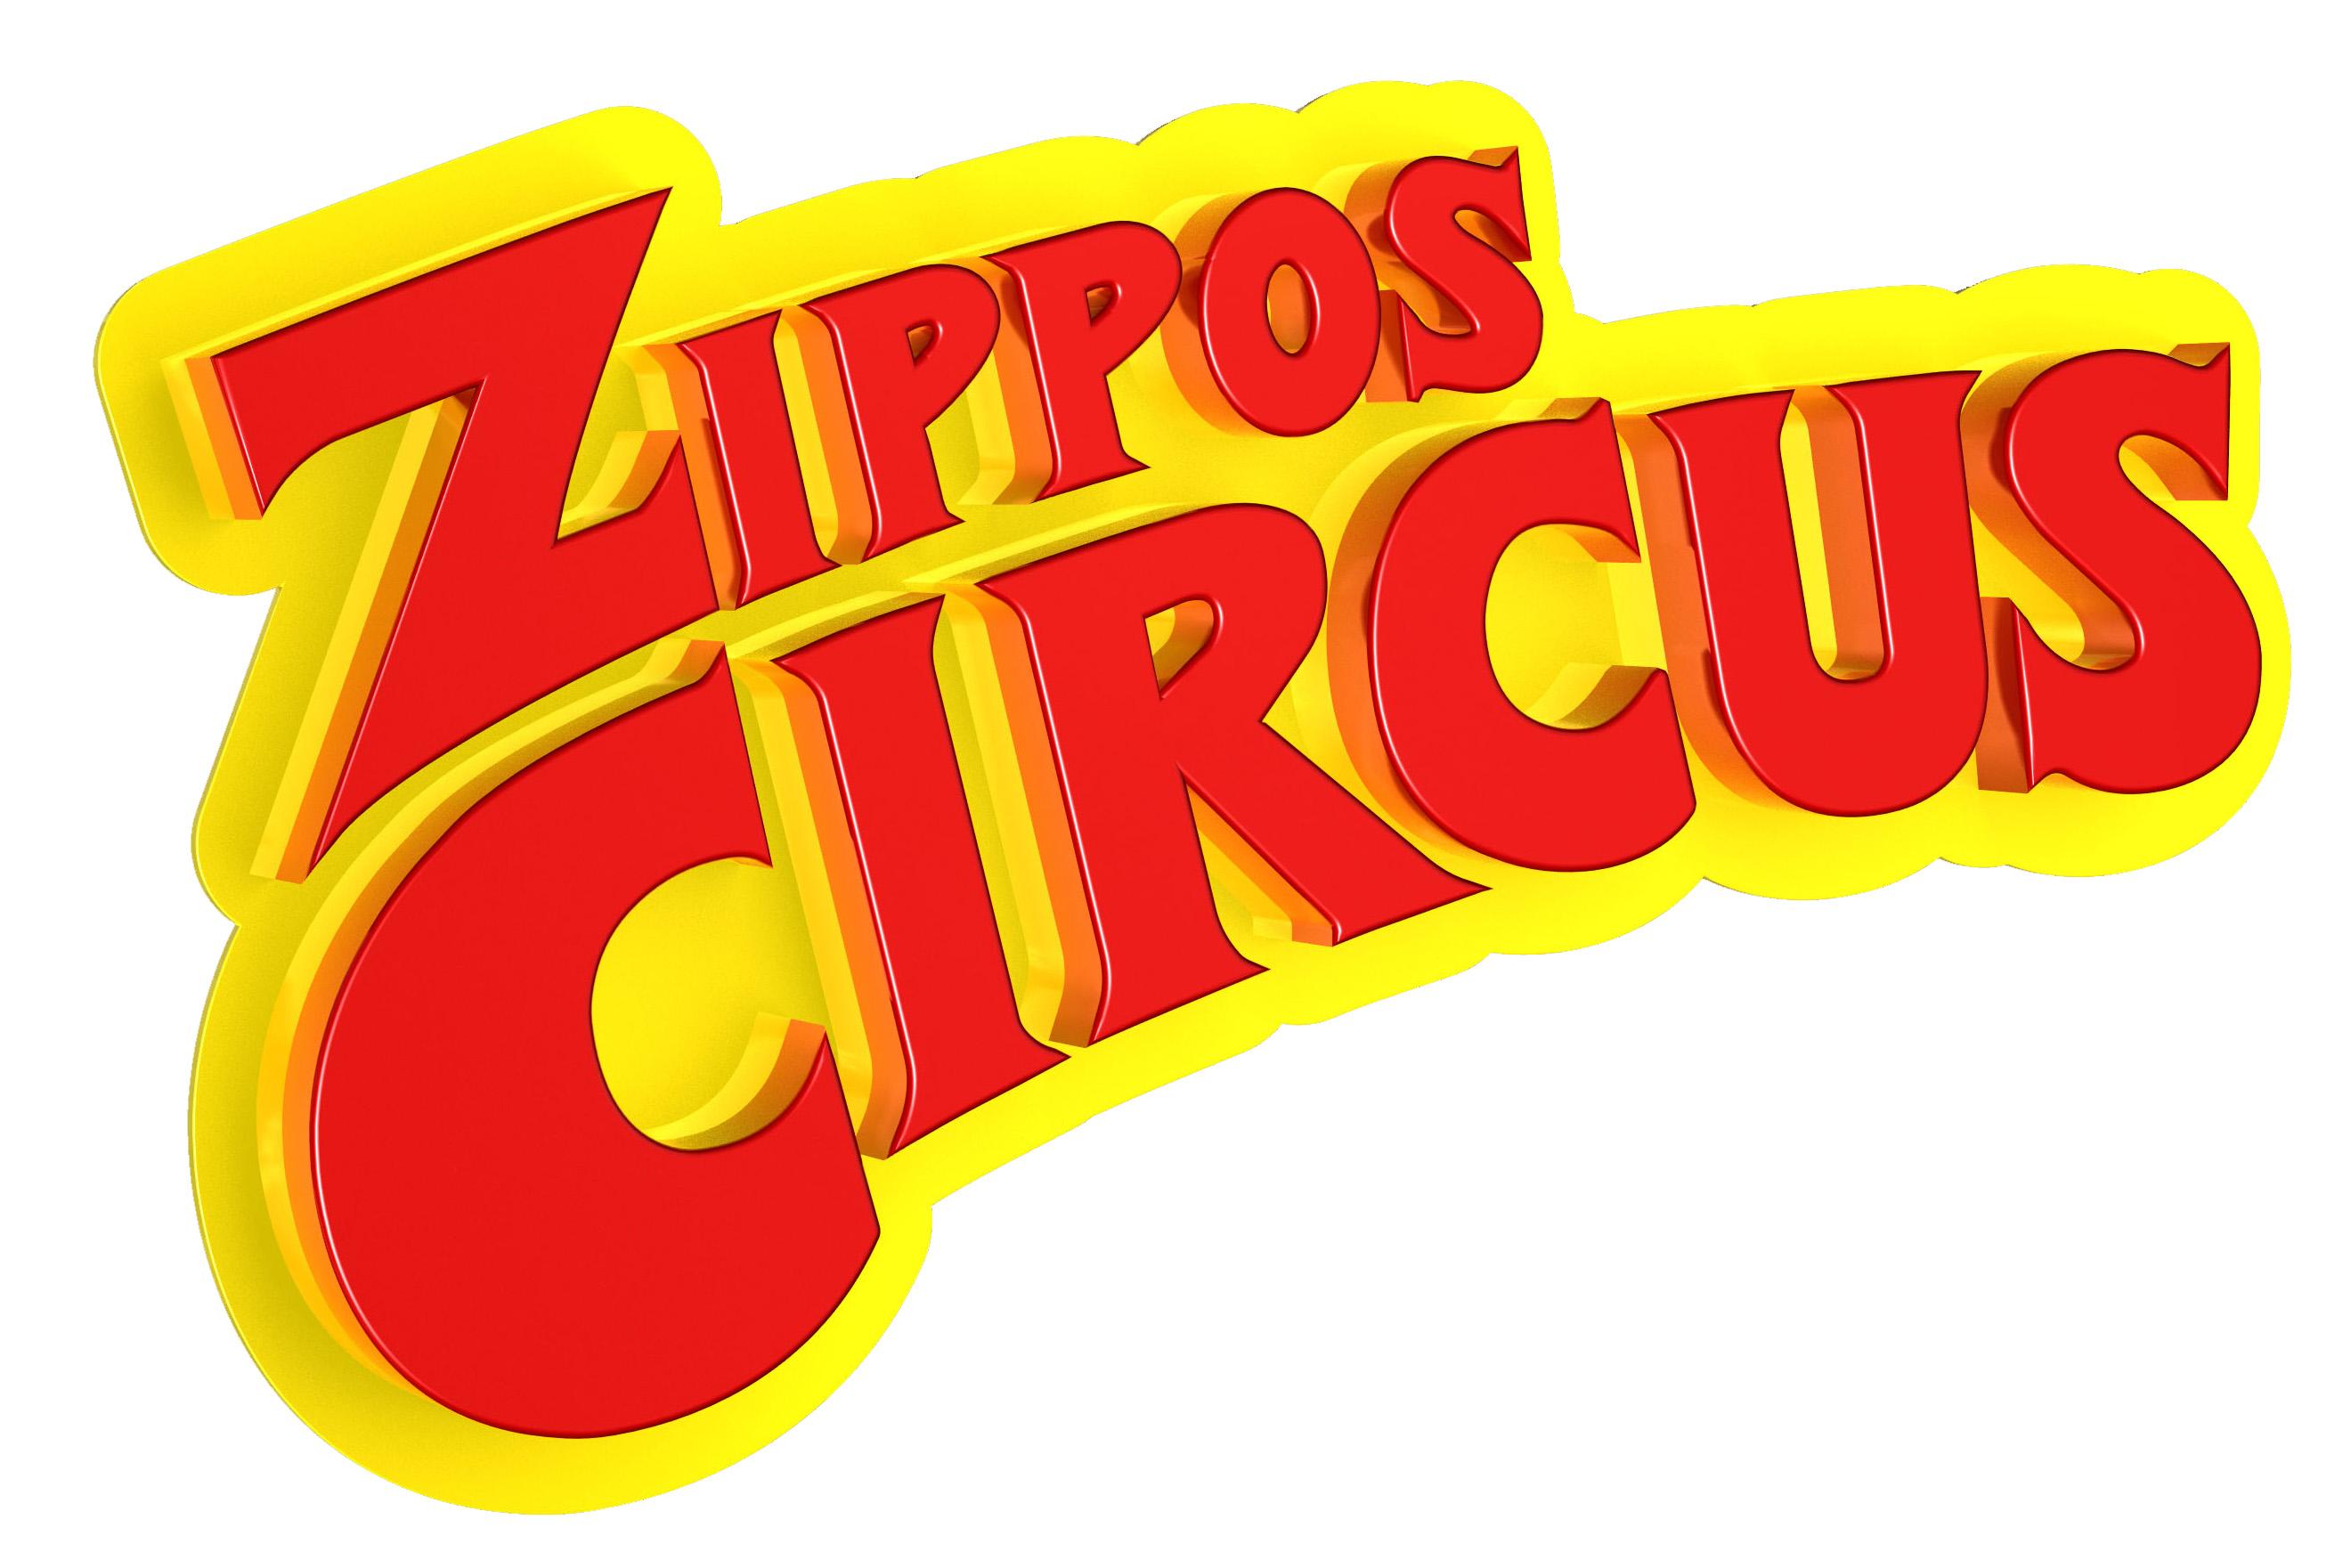 Zippos Circus logo